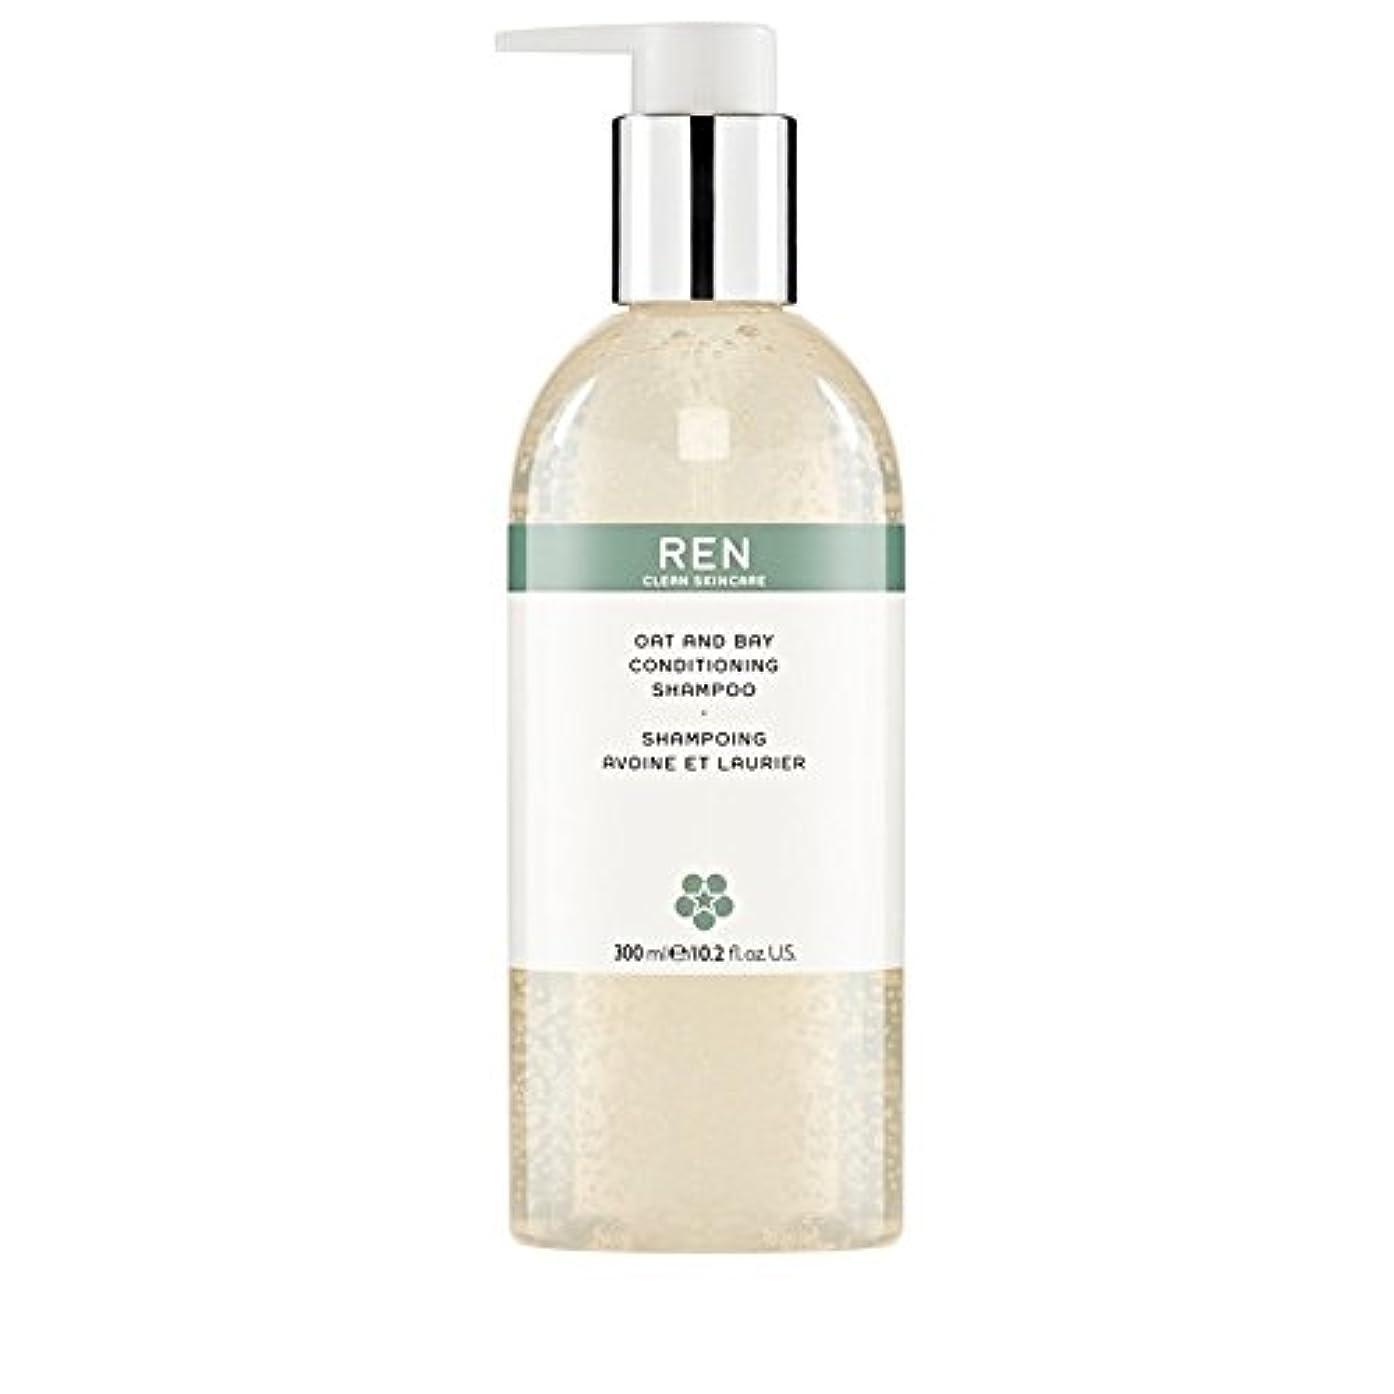 もちろん素朴な呼び出すREN Oat and Bay Conditioning Shampoo 300ml - オート麦とベイコンディショニングシャンプー300ミリリットル [並行輸入品]